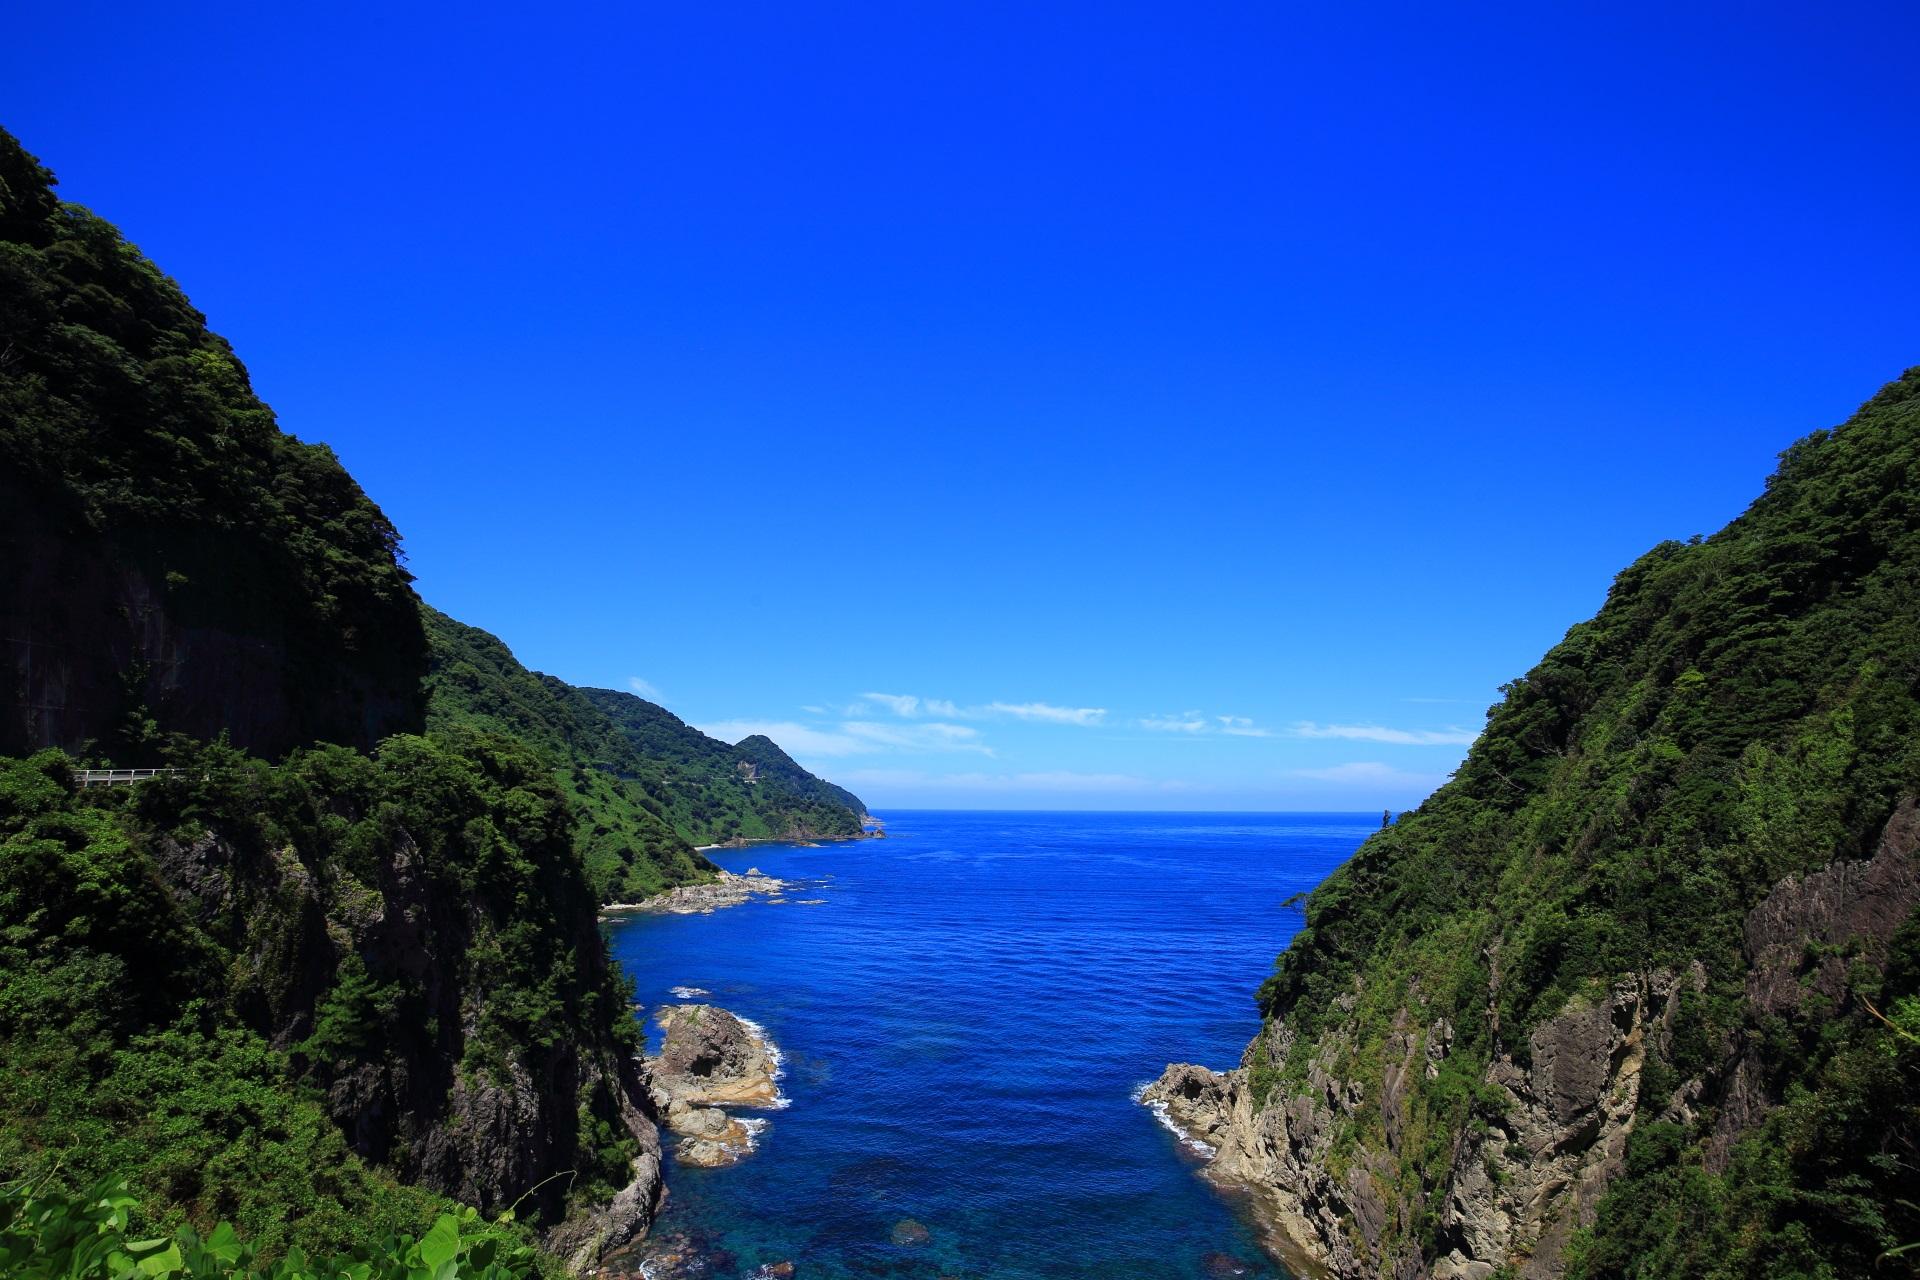 断崖絶壁のカマヤ海岸と日本海